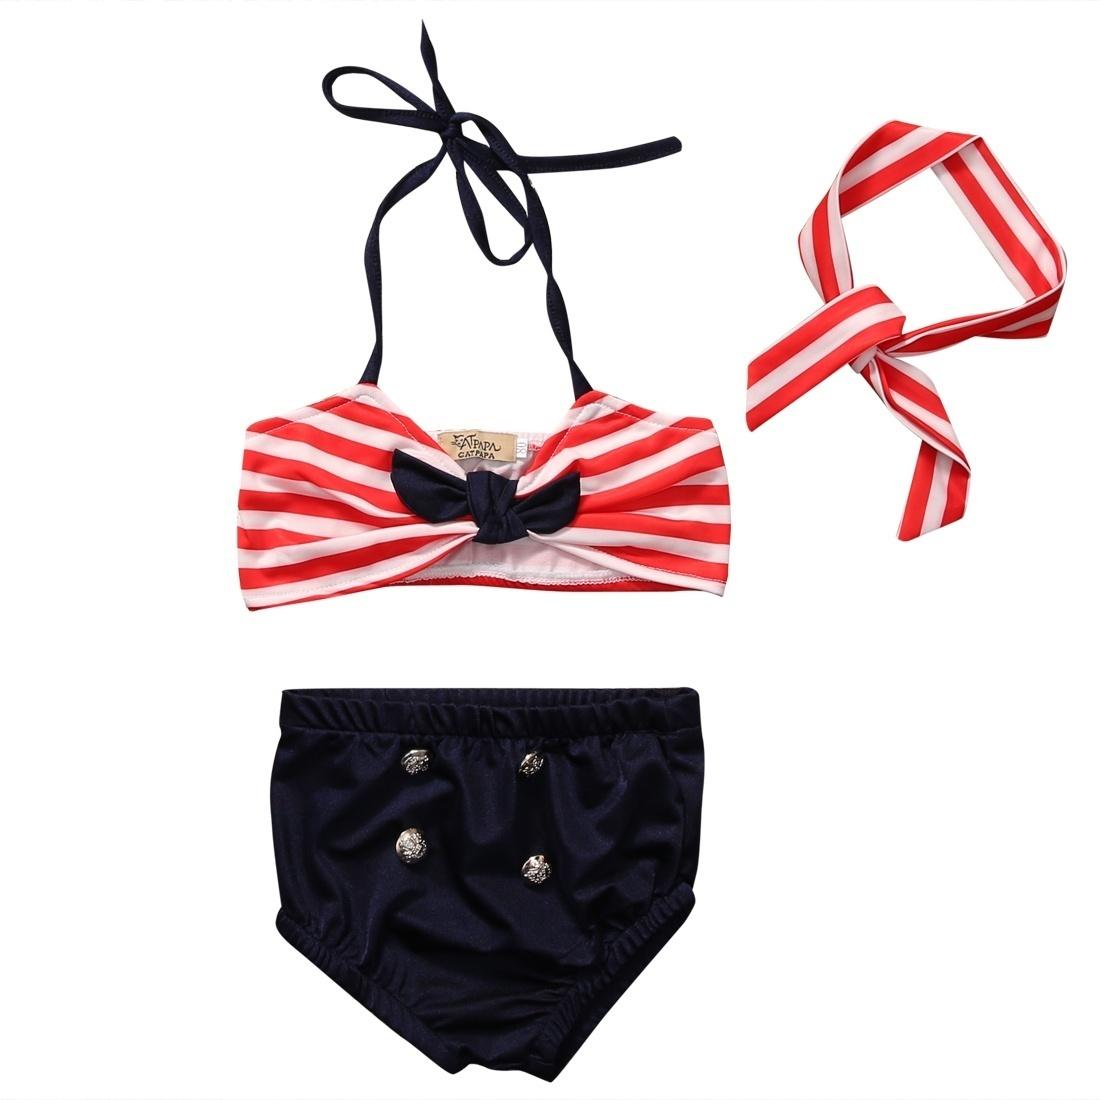 3Pcs Infant Baby Girls Halter Bowknot Tube Top+Short Strips Bottoms+Headband Bathing Bikini Swimsuit